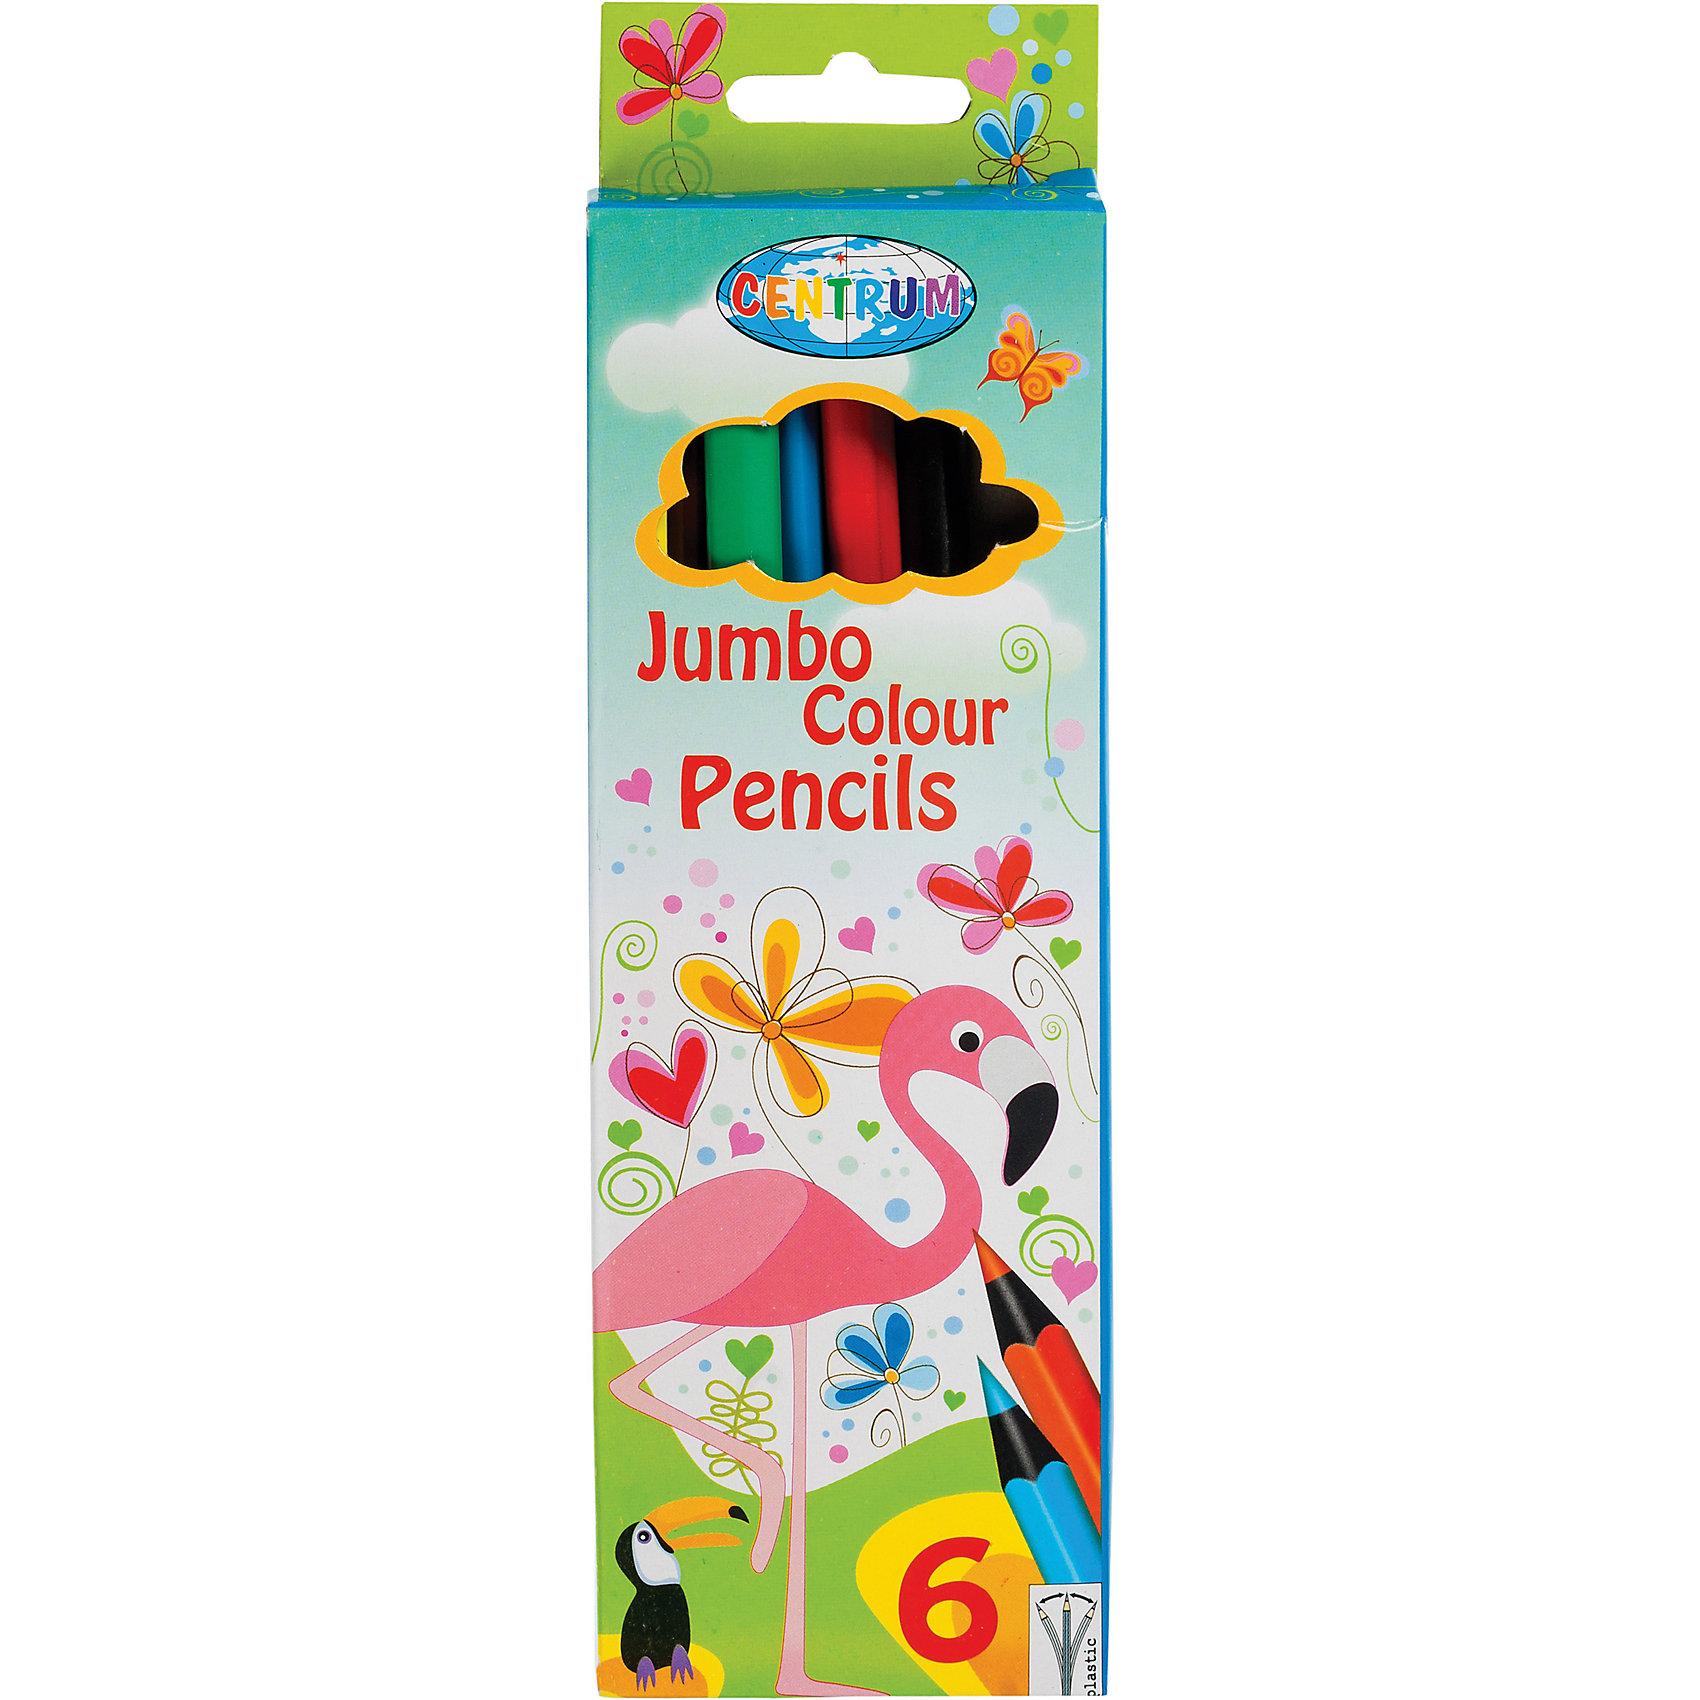 CENTRUM Цветные карандаши JUMBO Жираф, 6 цветов карандаши цветные spider man 18 цветов в картонной упаковке